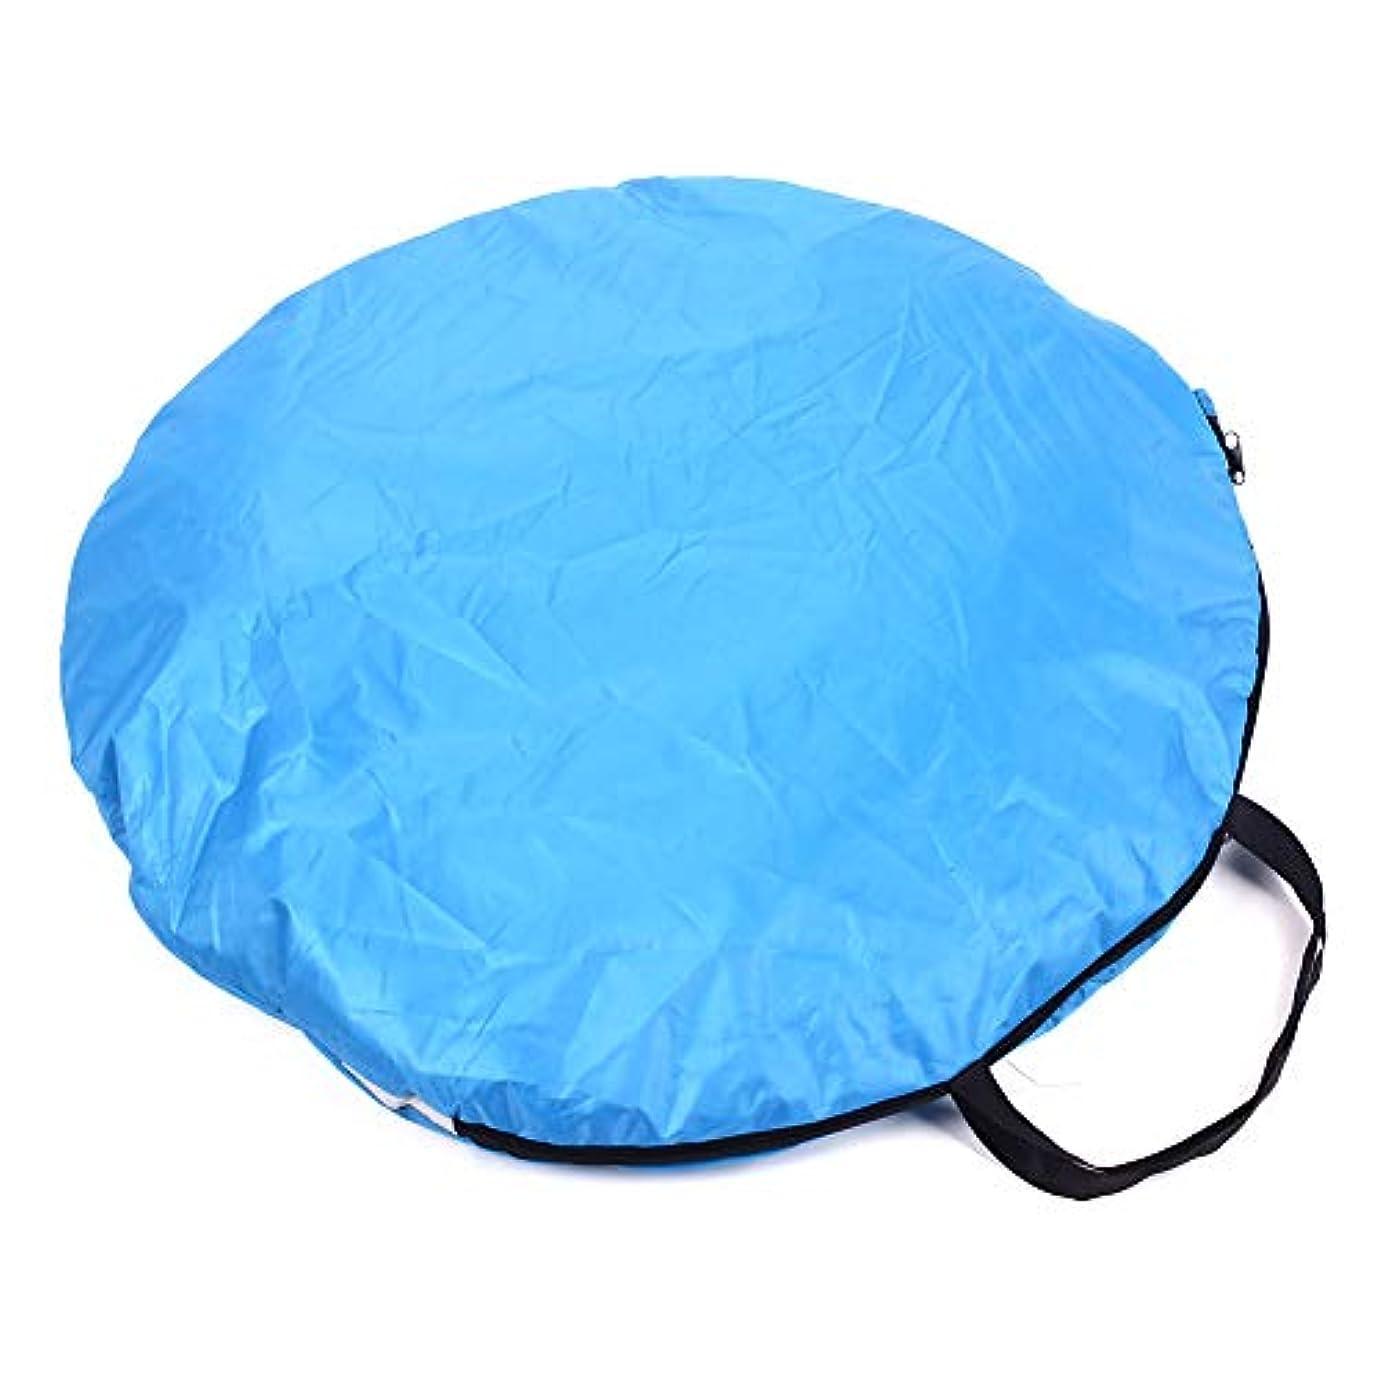 弱い批判的に彼らDuoying ピラミッドテントブルー3人で耐久性のある折りたたみテントハイキング